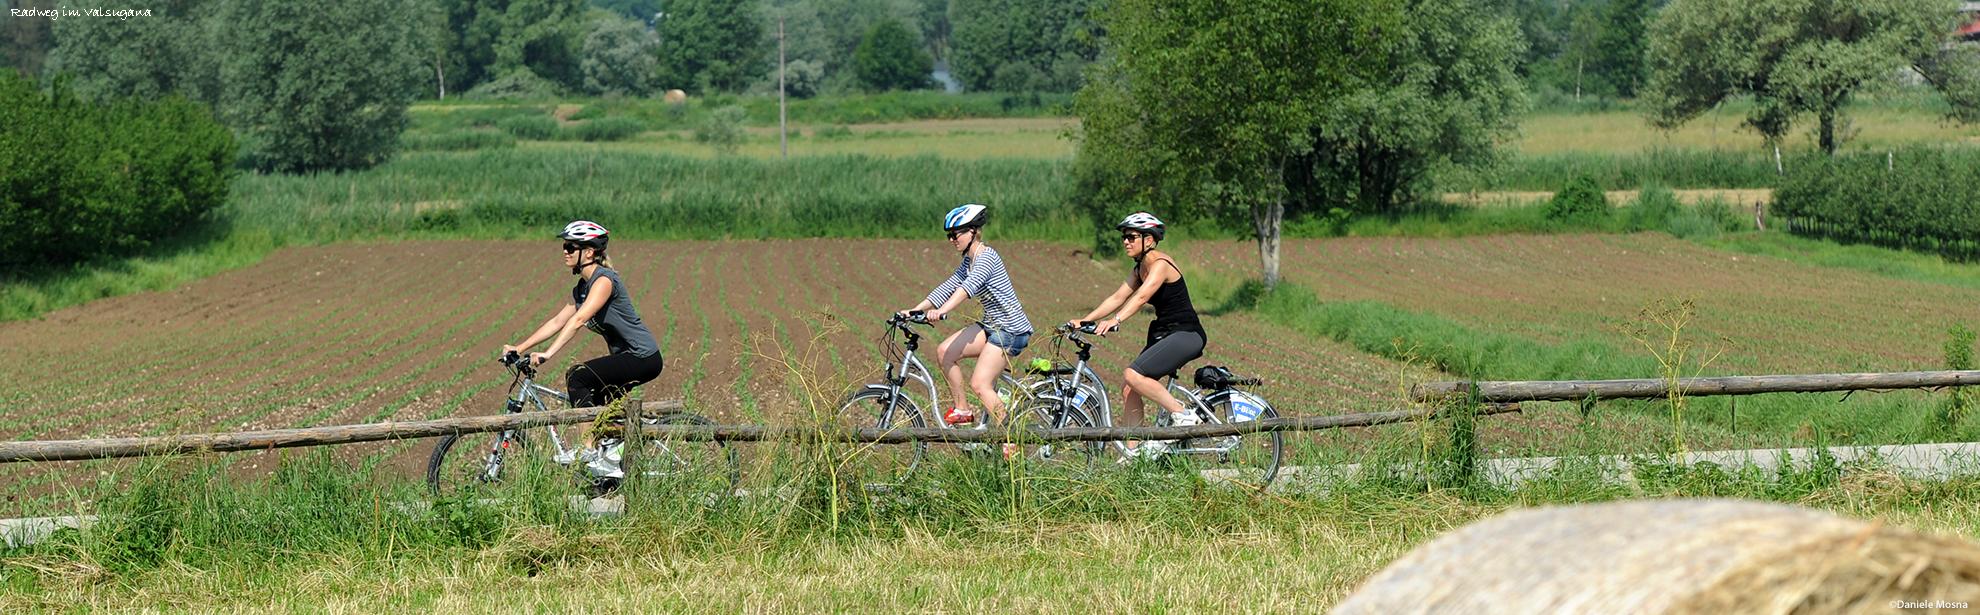 Oklassfoto-Daniele-Mosna_E-bike-ciclabile-con-fieno_351